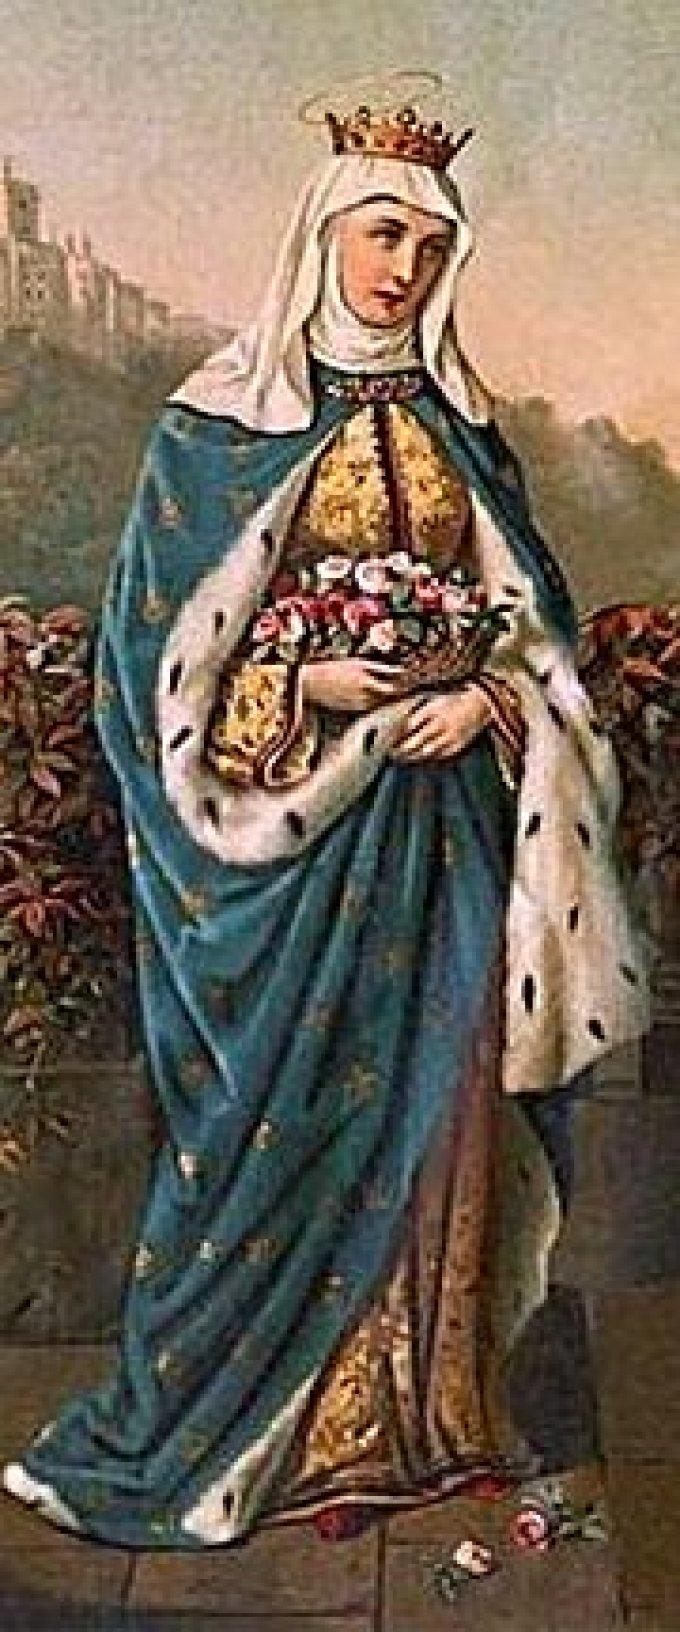 Le 4 juillet : Sainte Elisabeth du Portugal